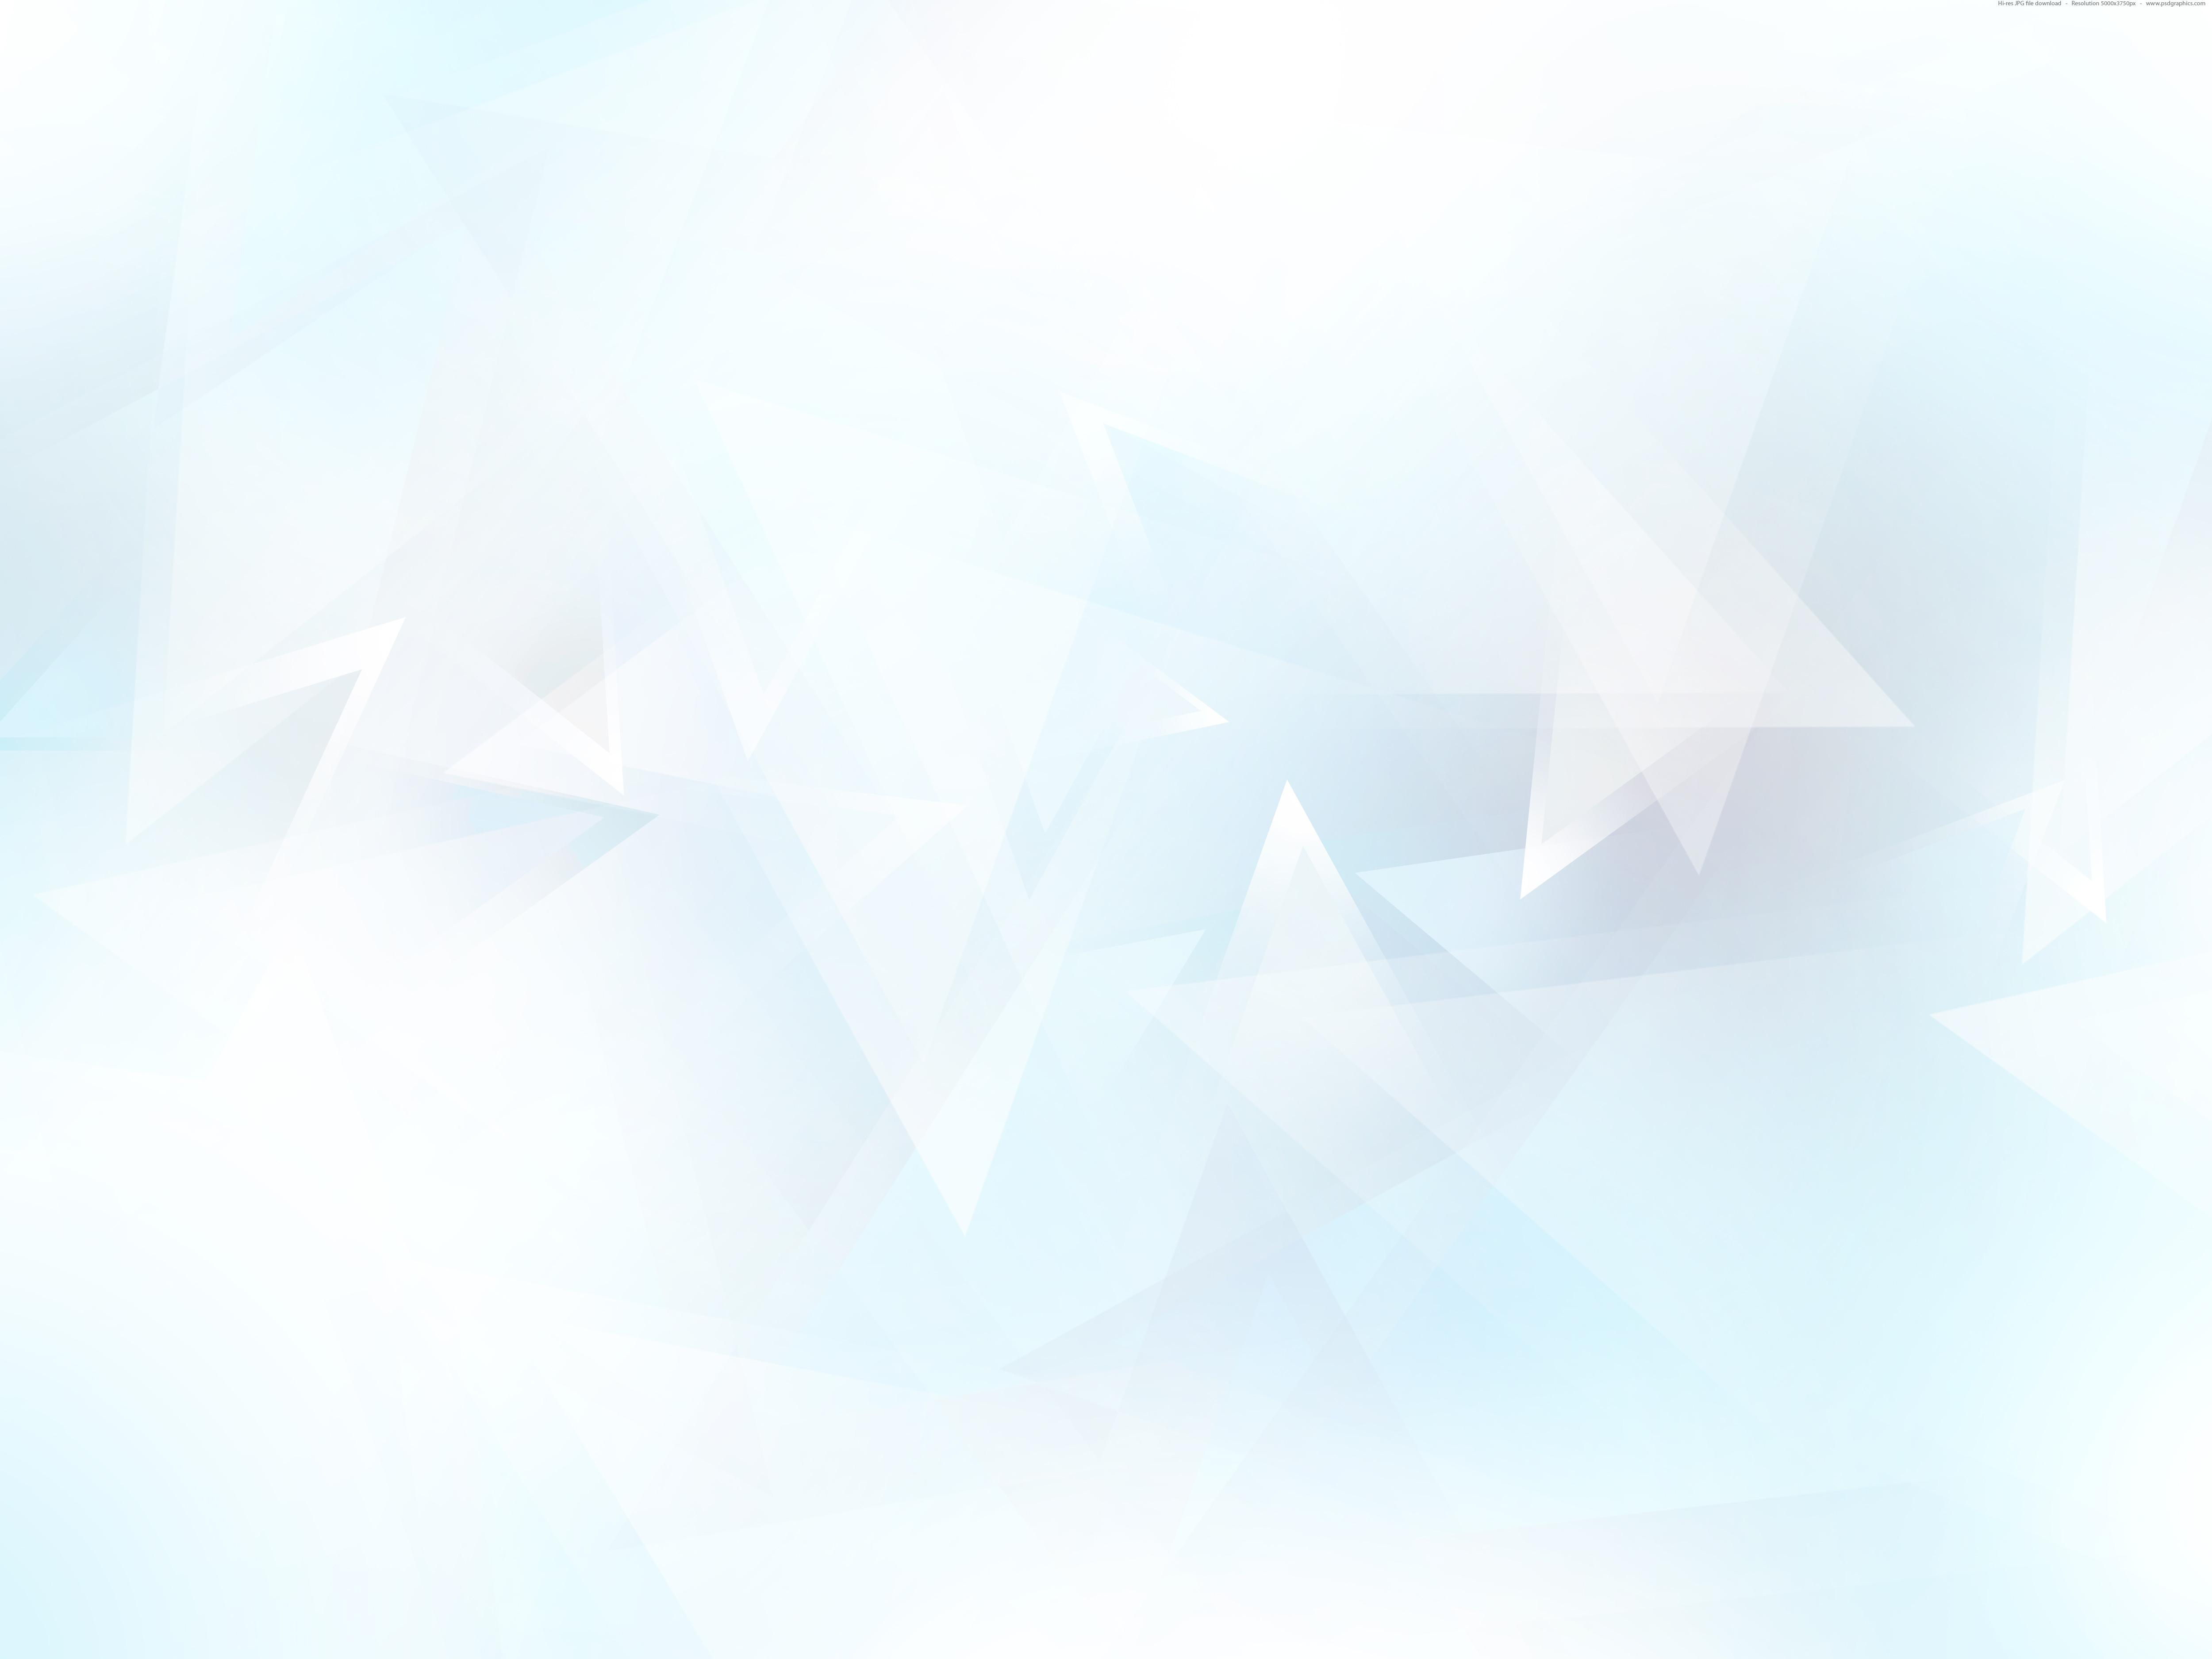 Background_slide3